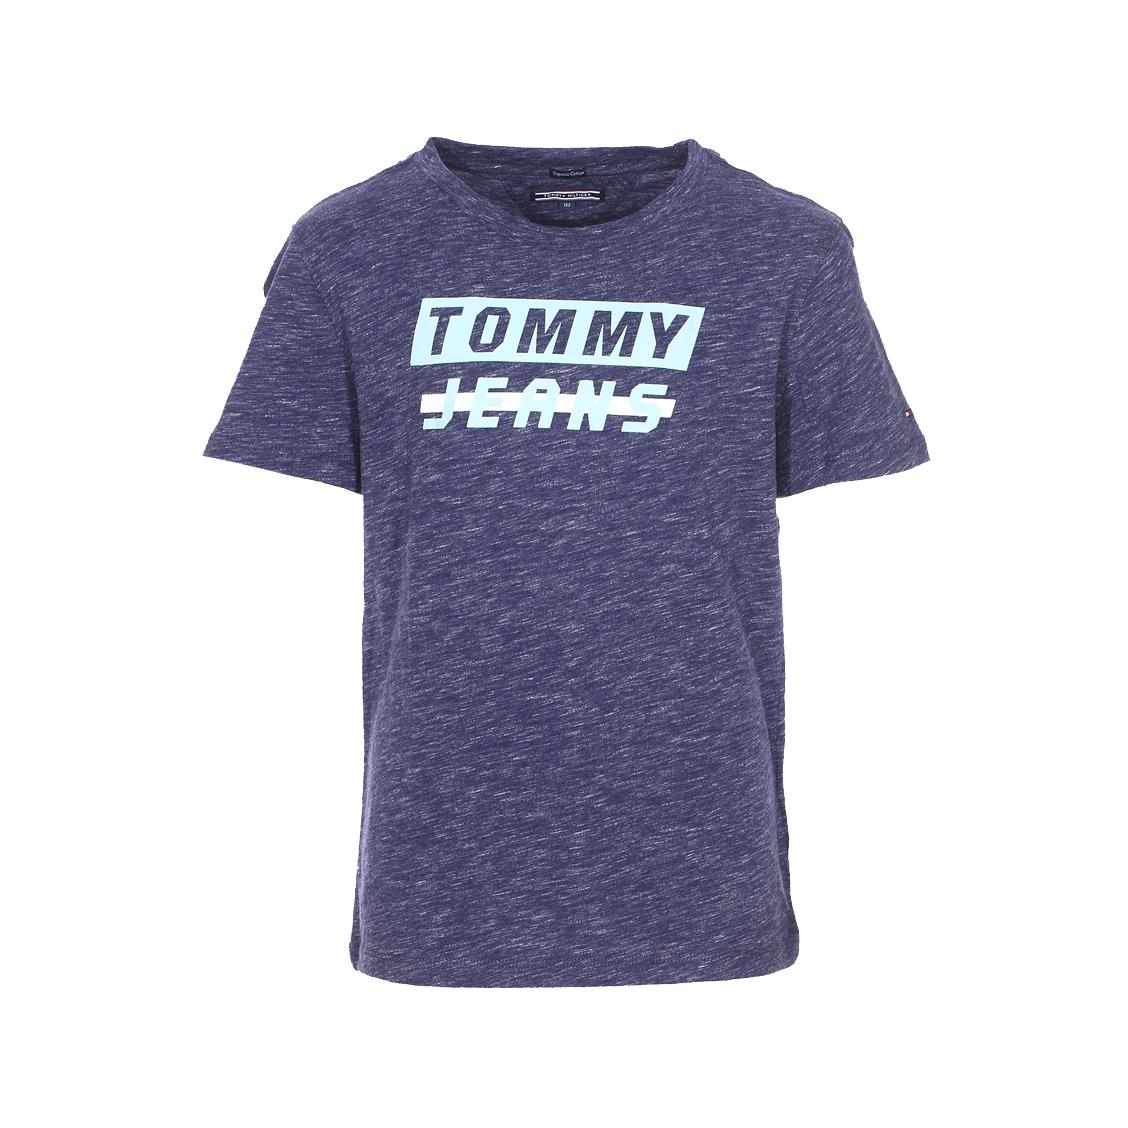 Tee-shirt col rond  ame bold en coton biologique bleu chiné floqué